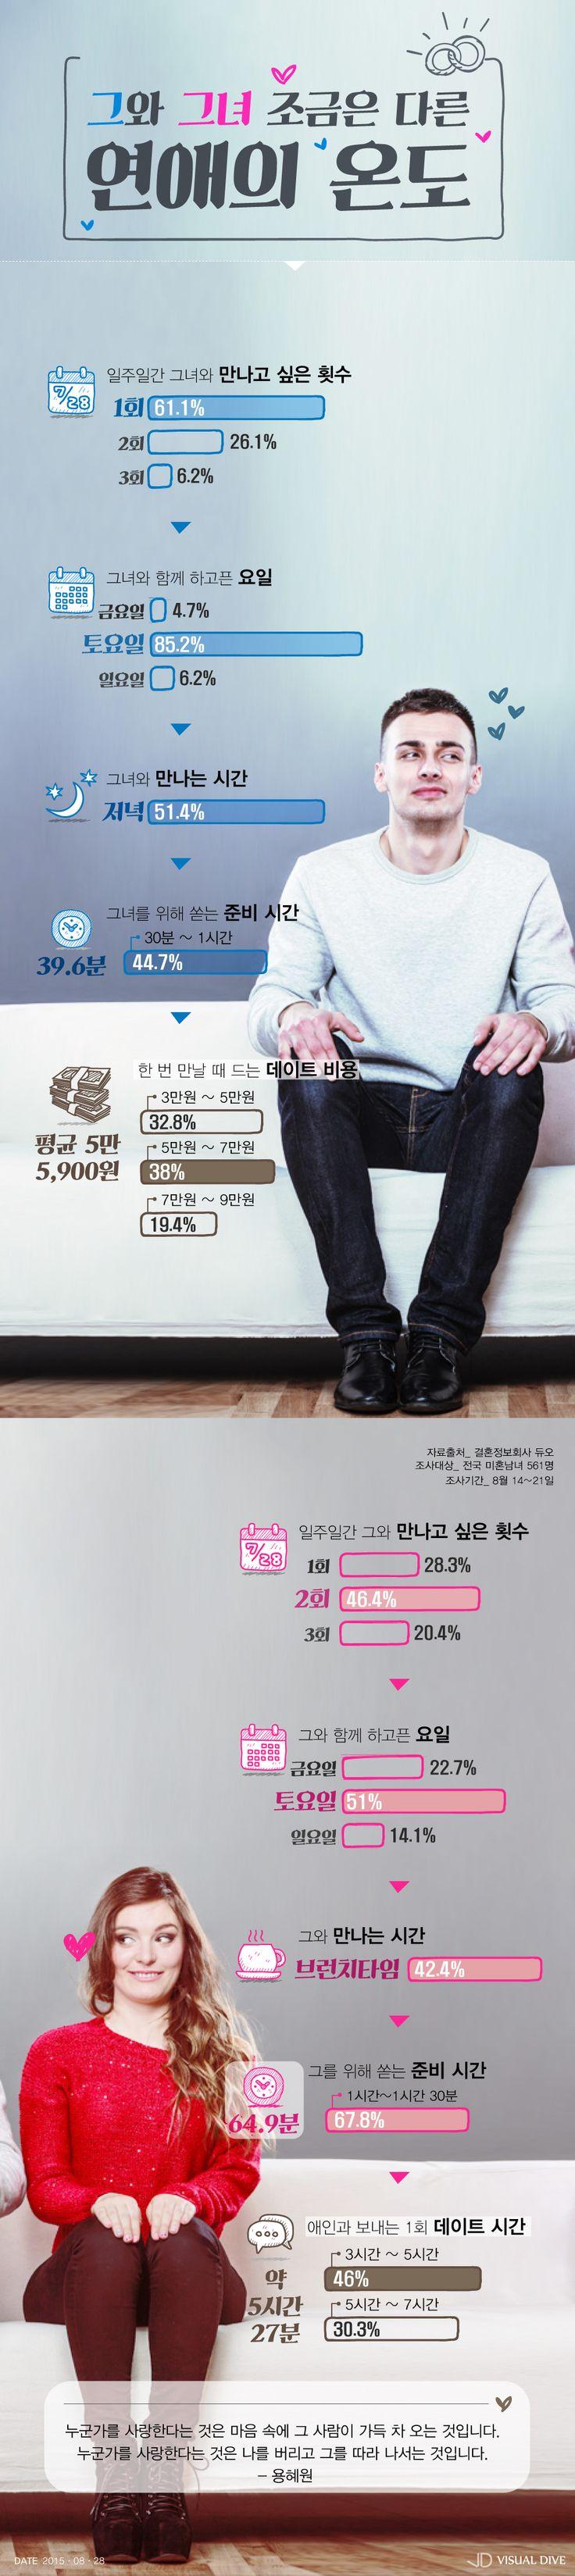 미혼남녀가 선호하는 데이트 시간은? [인포그래픽] #Date / #Infographic ⓒ 비주얼다이브 무단 복사·전재·재배포 금지